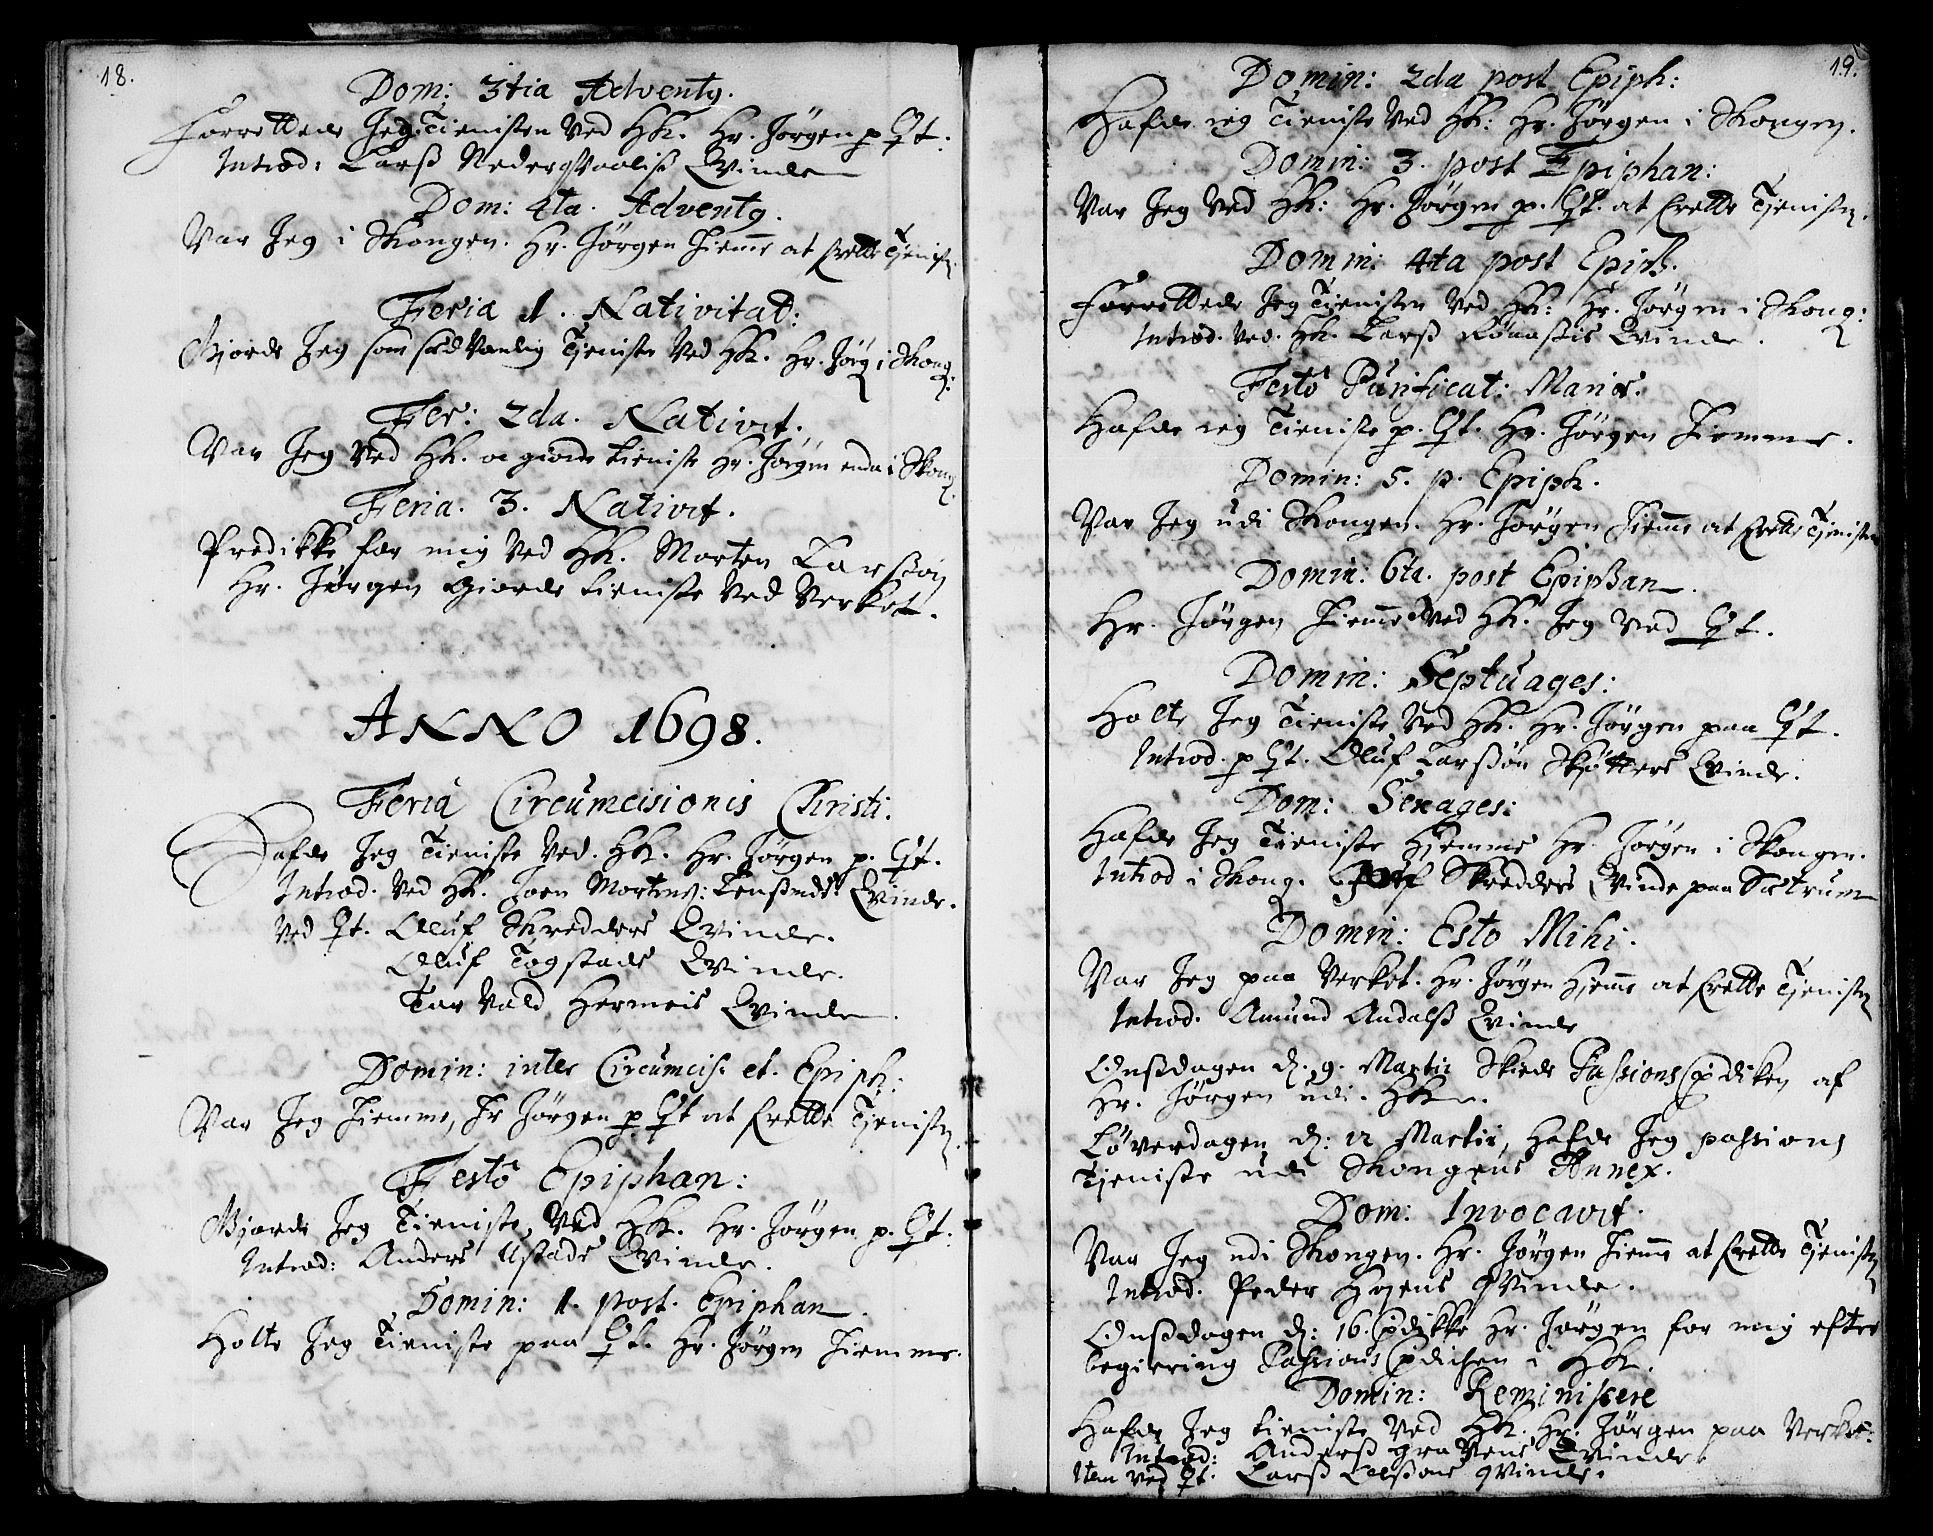 SAT, Ministerialprotokoller, klokkerbøker og fødselsregistre - Sør-Trøndelag, 668/L0801: Ministerialbok nr. 668A01, 1695-1716, s. 18-19